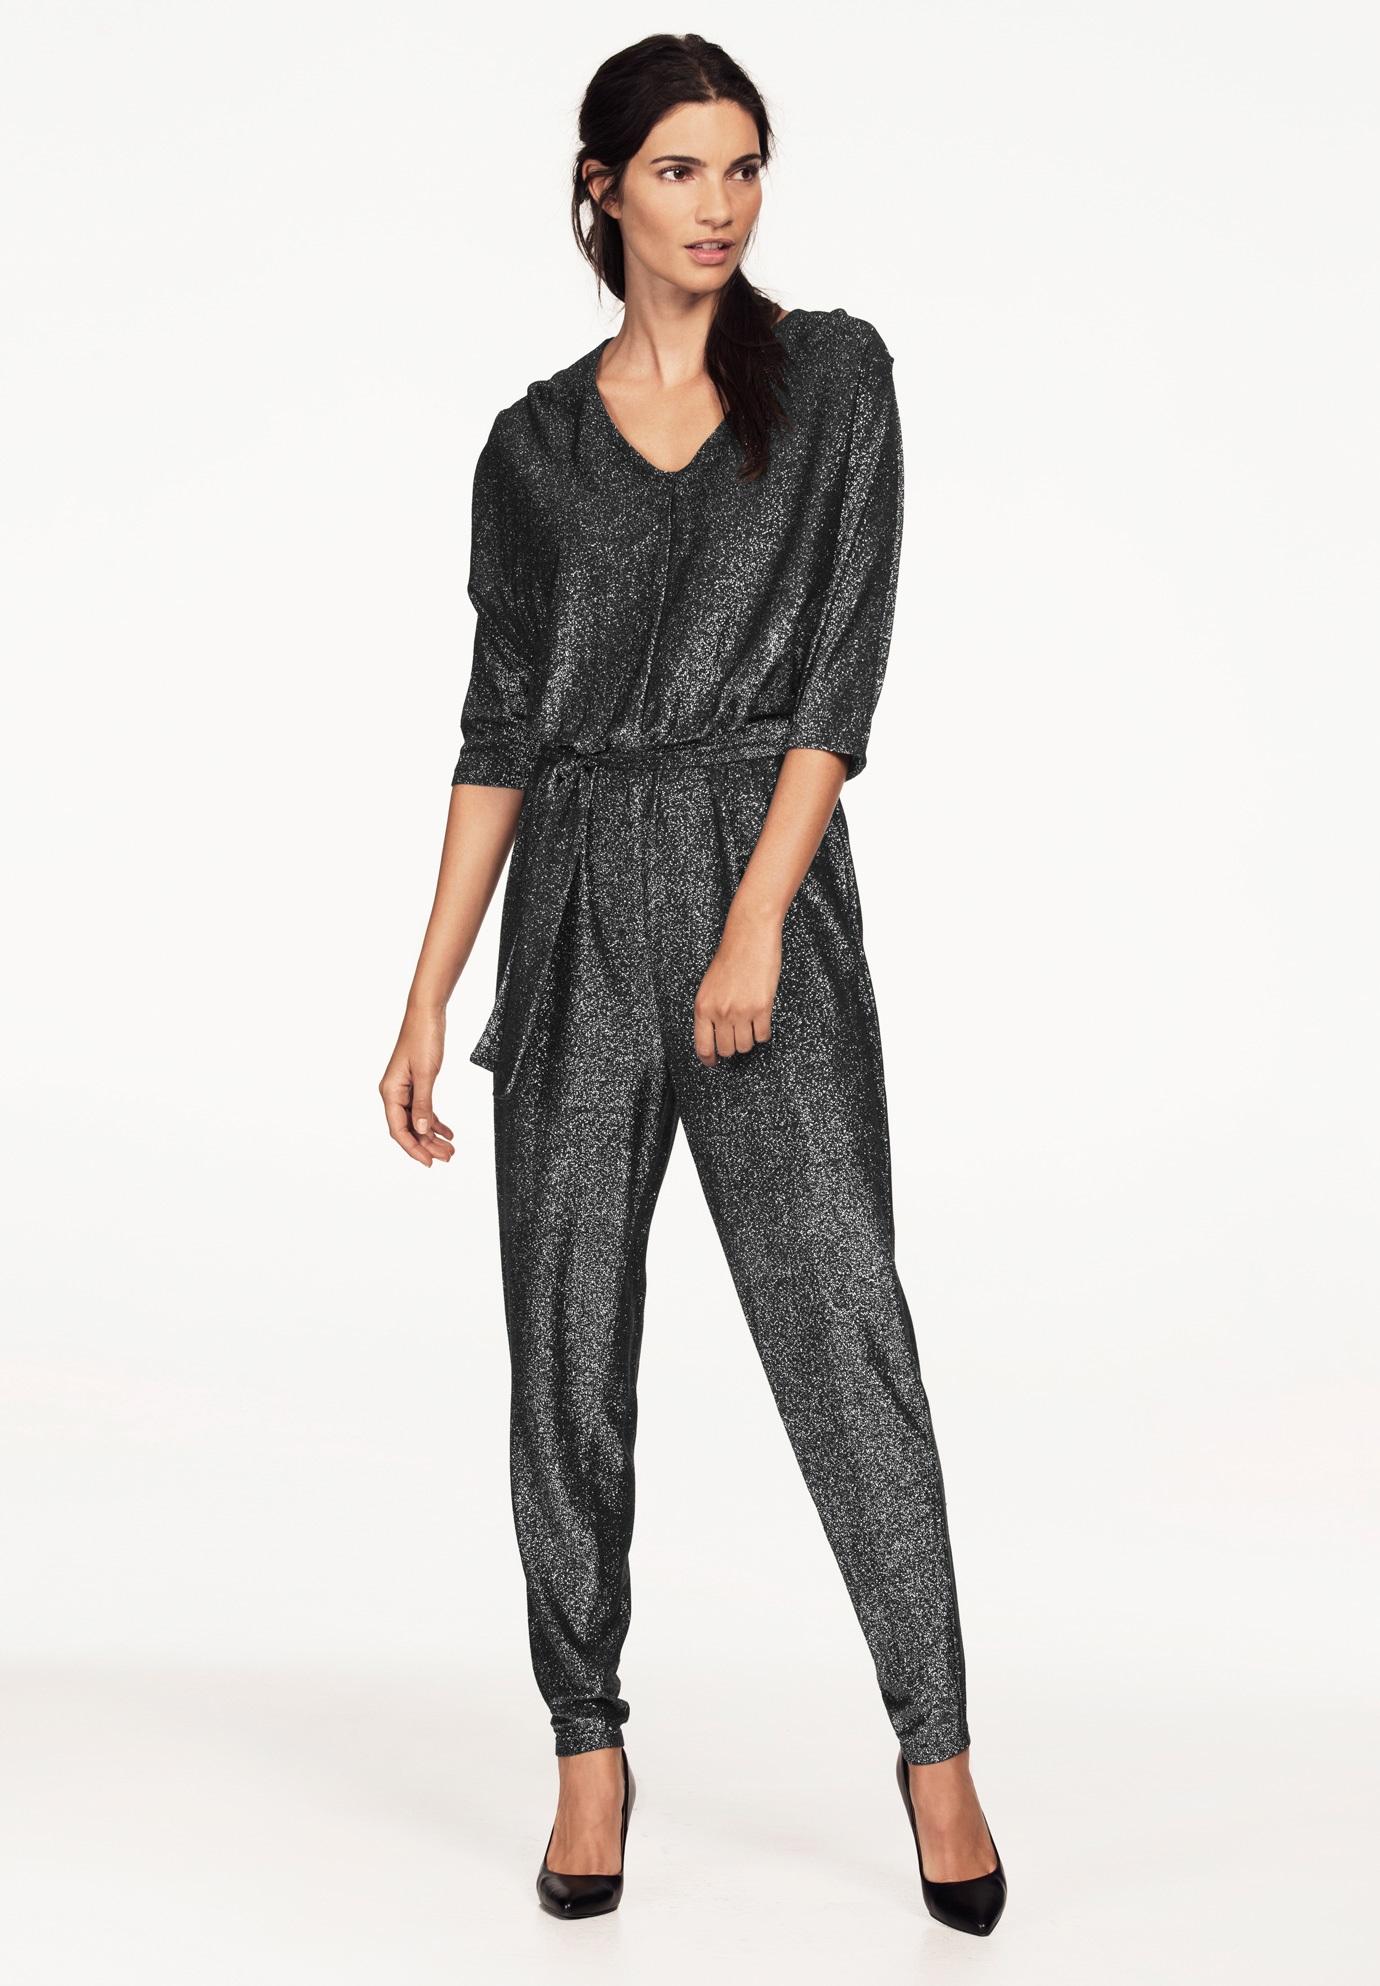 Glitter Knit Jumpsuit By Ellos Women S Plus Size